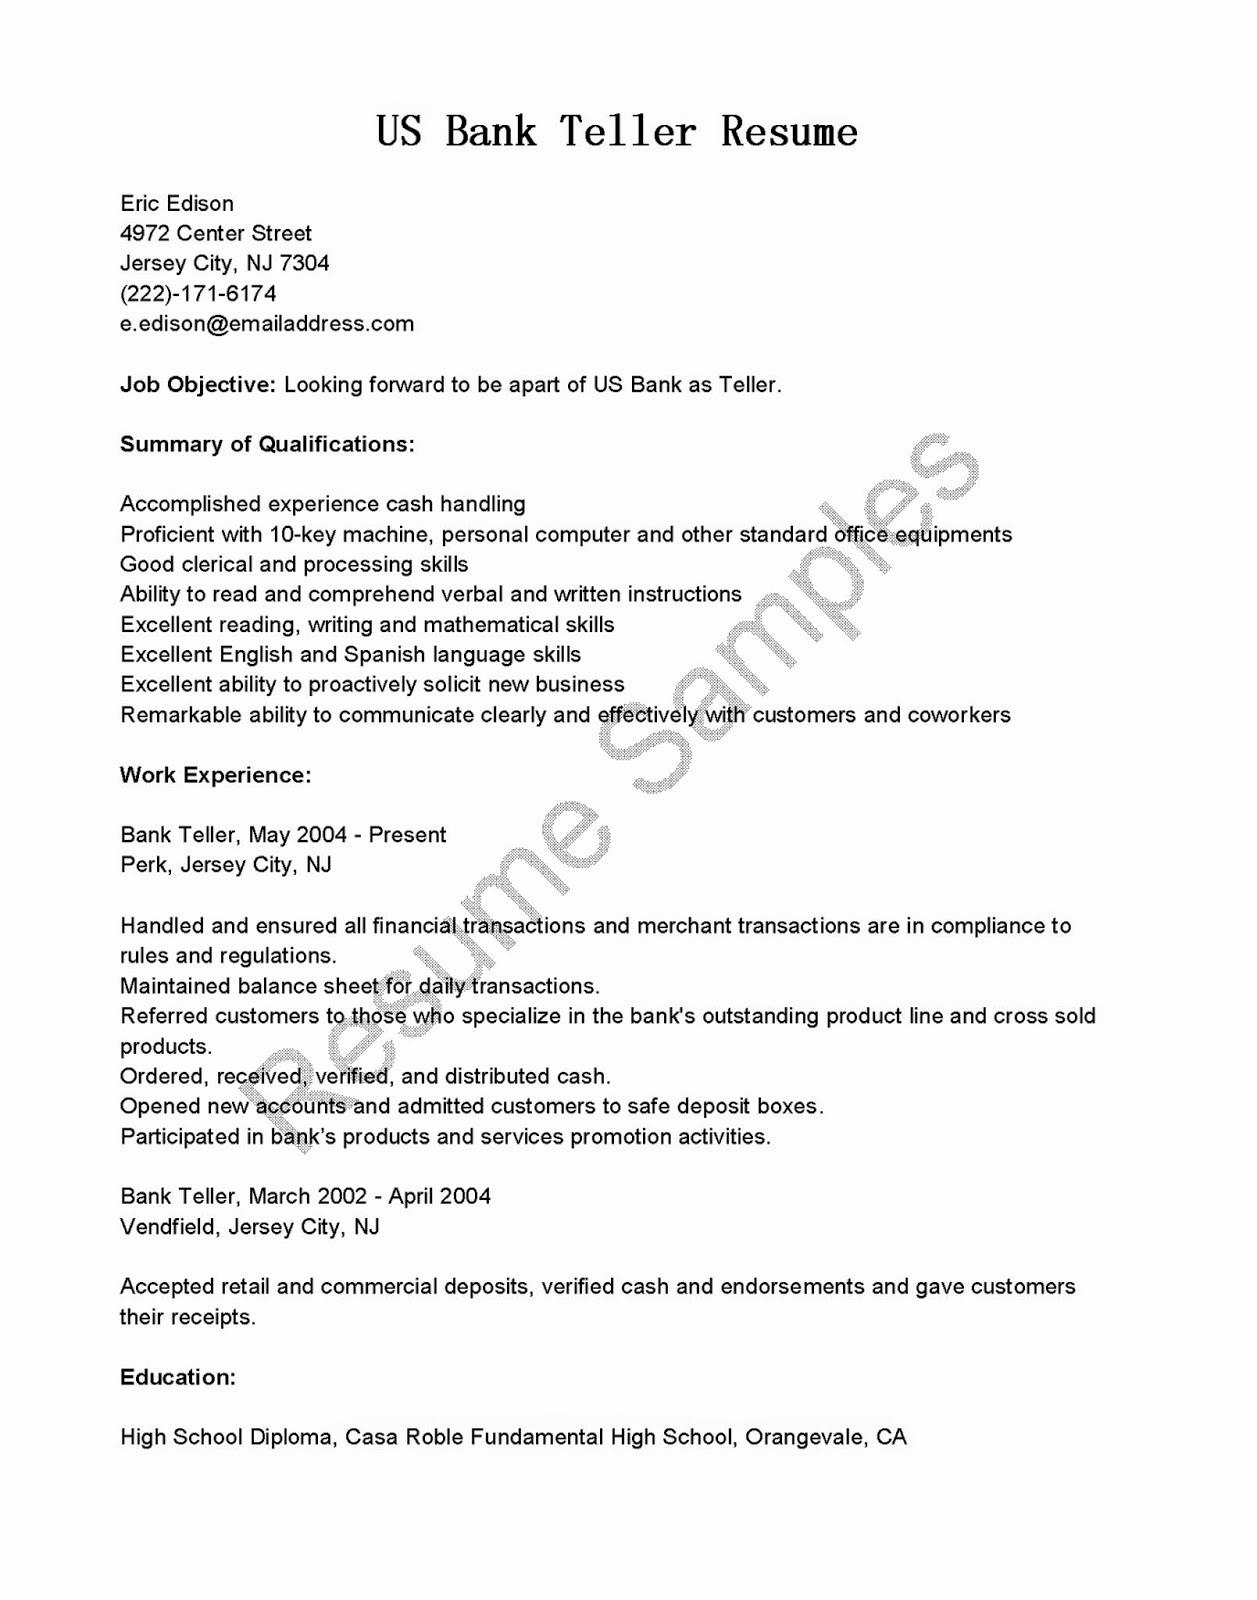 Resumes for Bank Teller Luxury Resume Samples Us Bank Teller Resume Sample